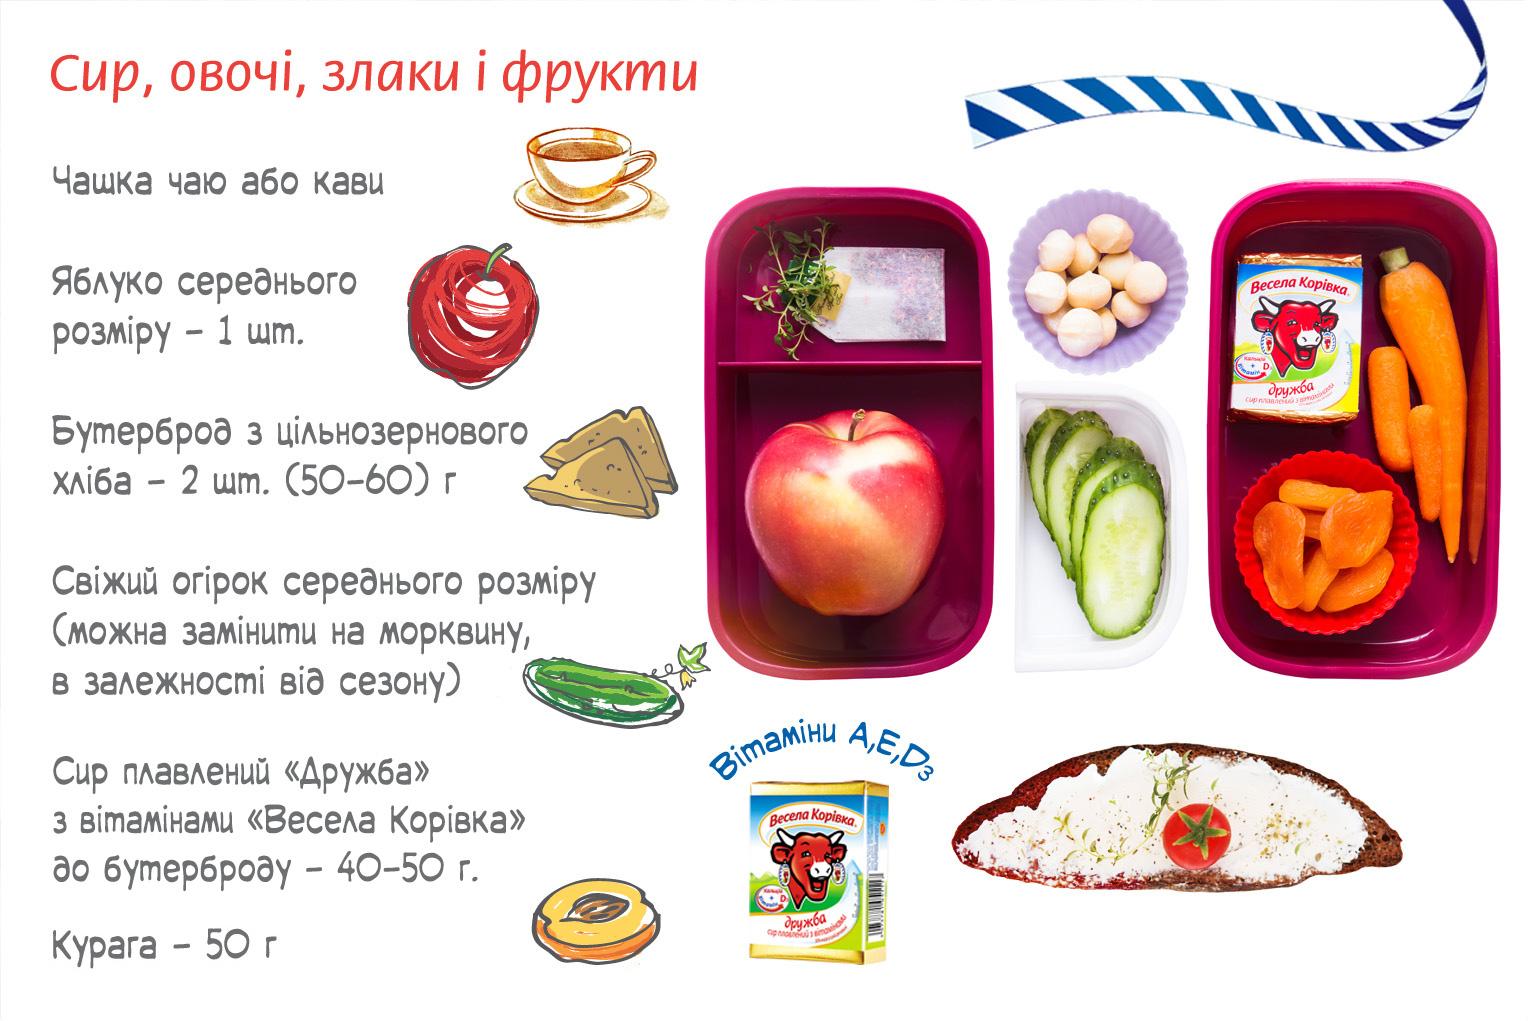 варианты перекусов при правильном питании